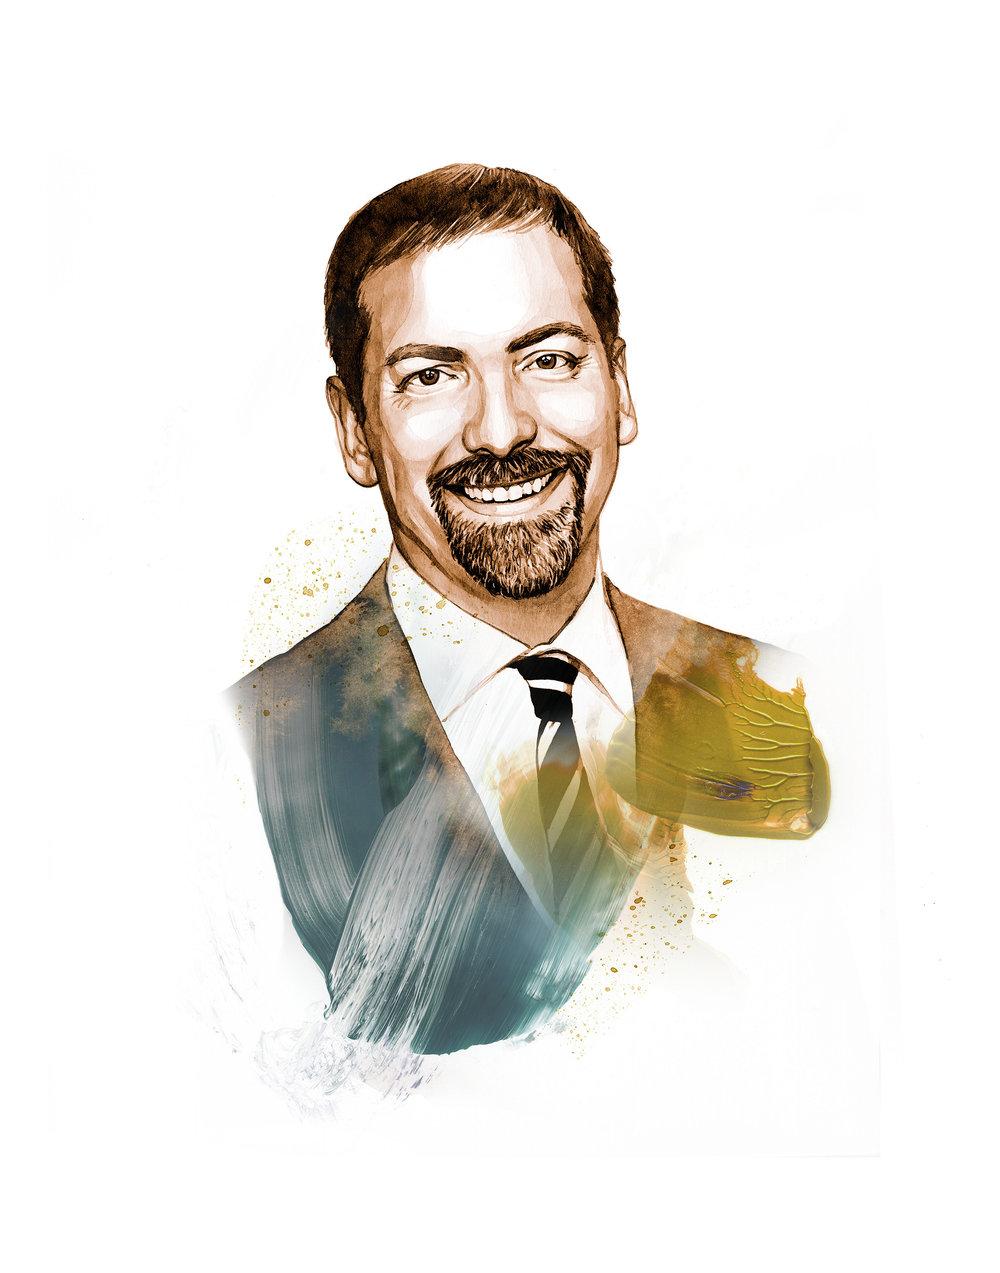 NEW! Journalist Chuck Todd Portrait